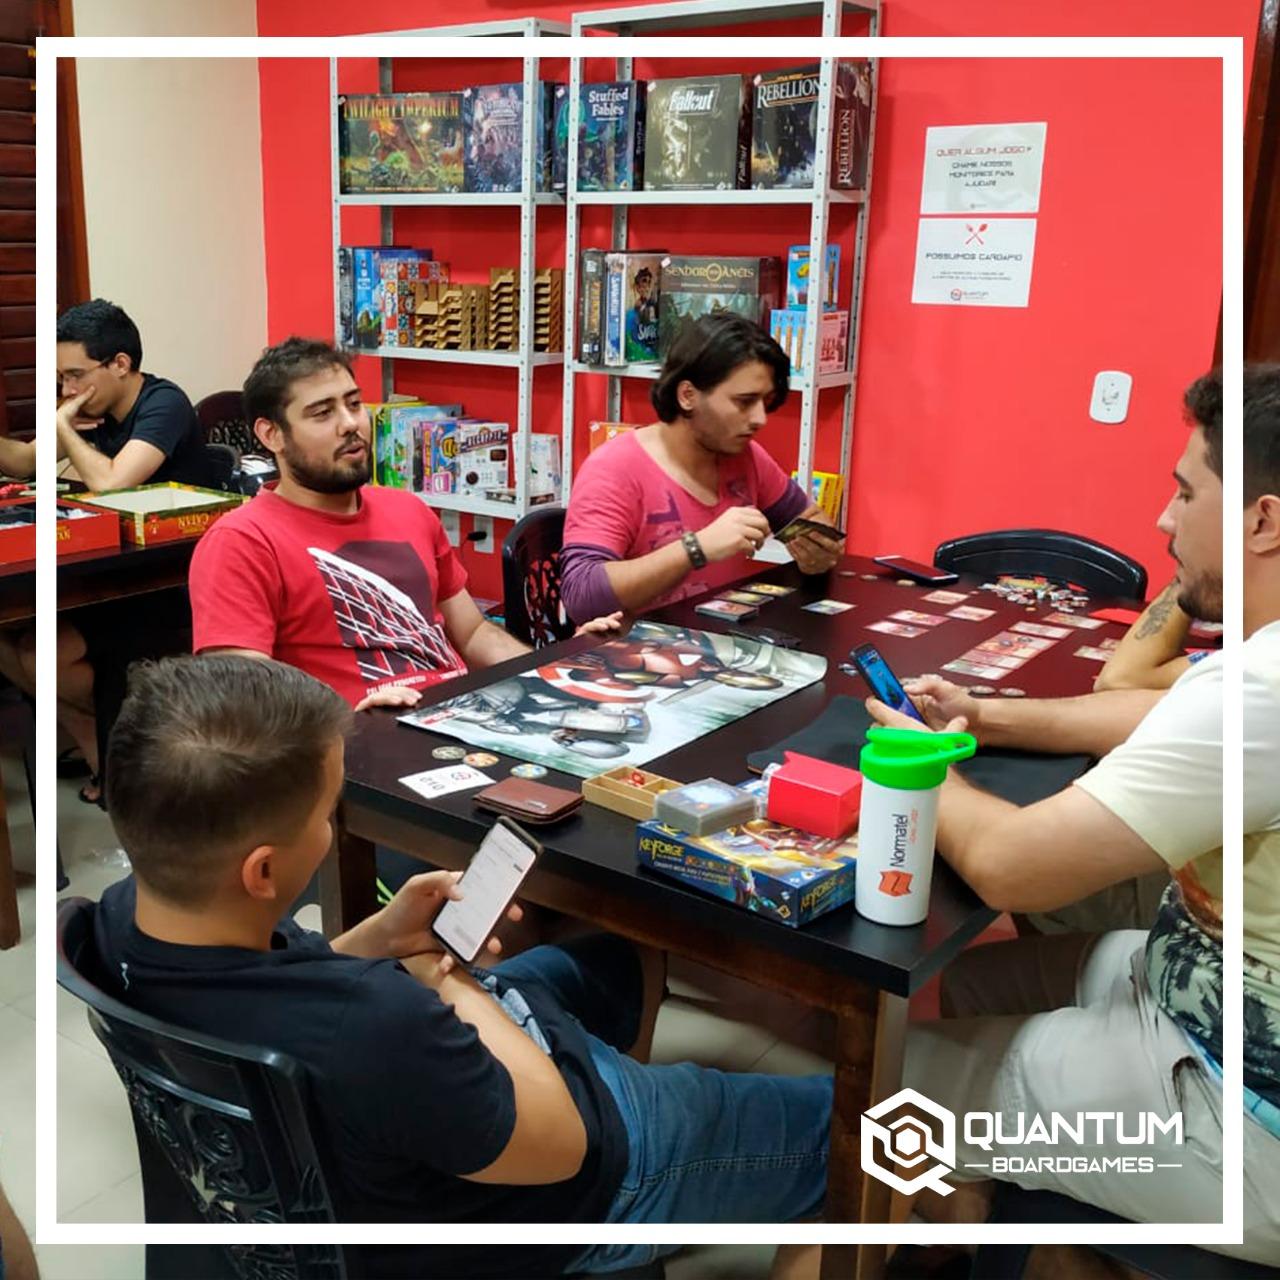 Sabor + Diversão! Hambúrguer + Centenas de Jogos de Tabuleiro à disposição de R$29,90 por apenas R$25,90